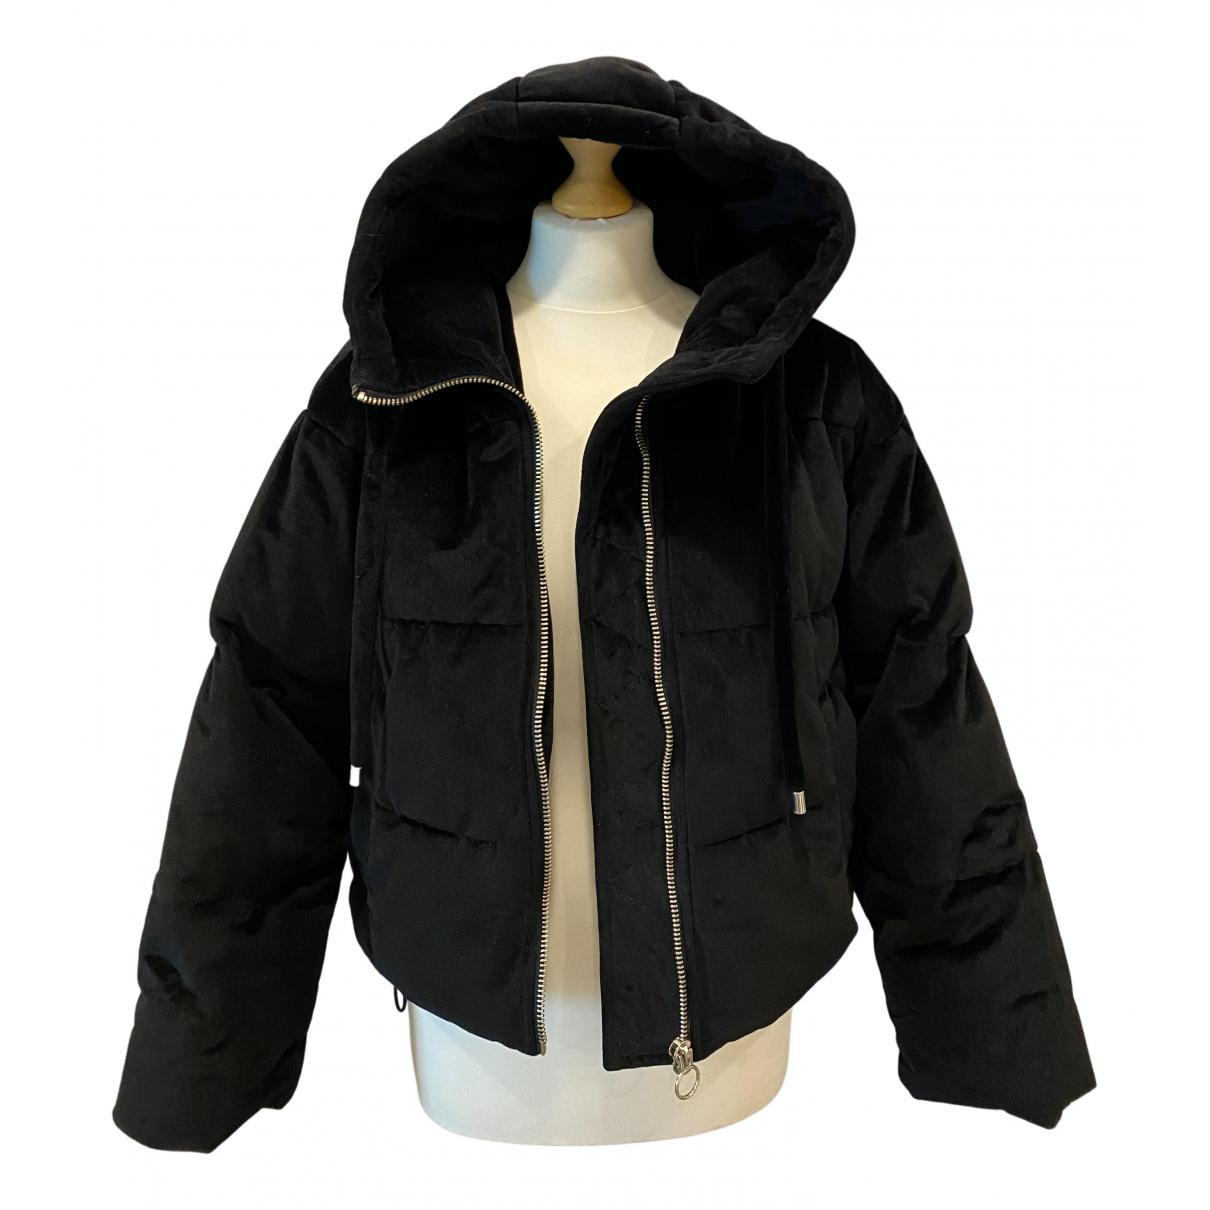 tophop N Black coat for Women 8 UK